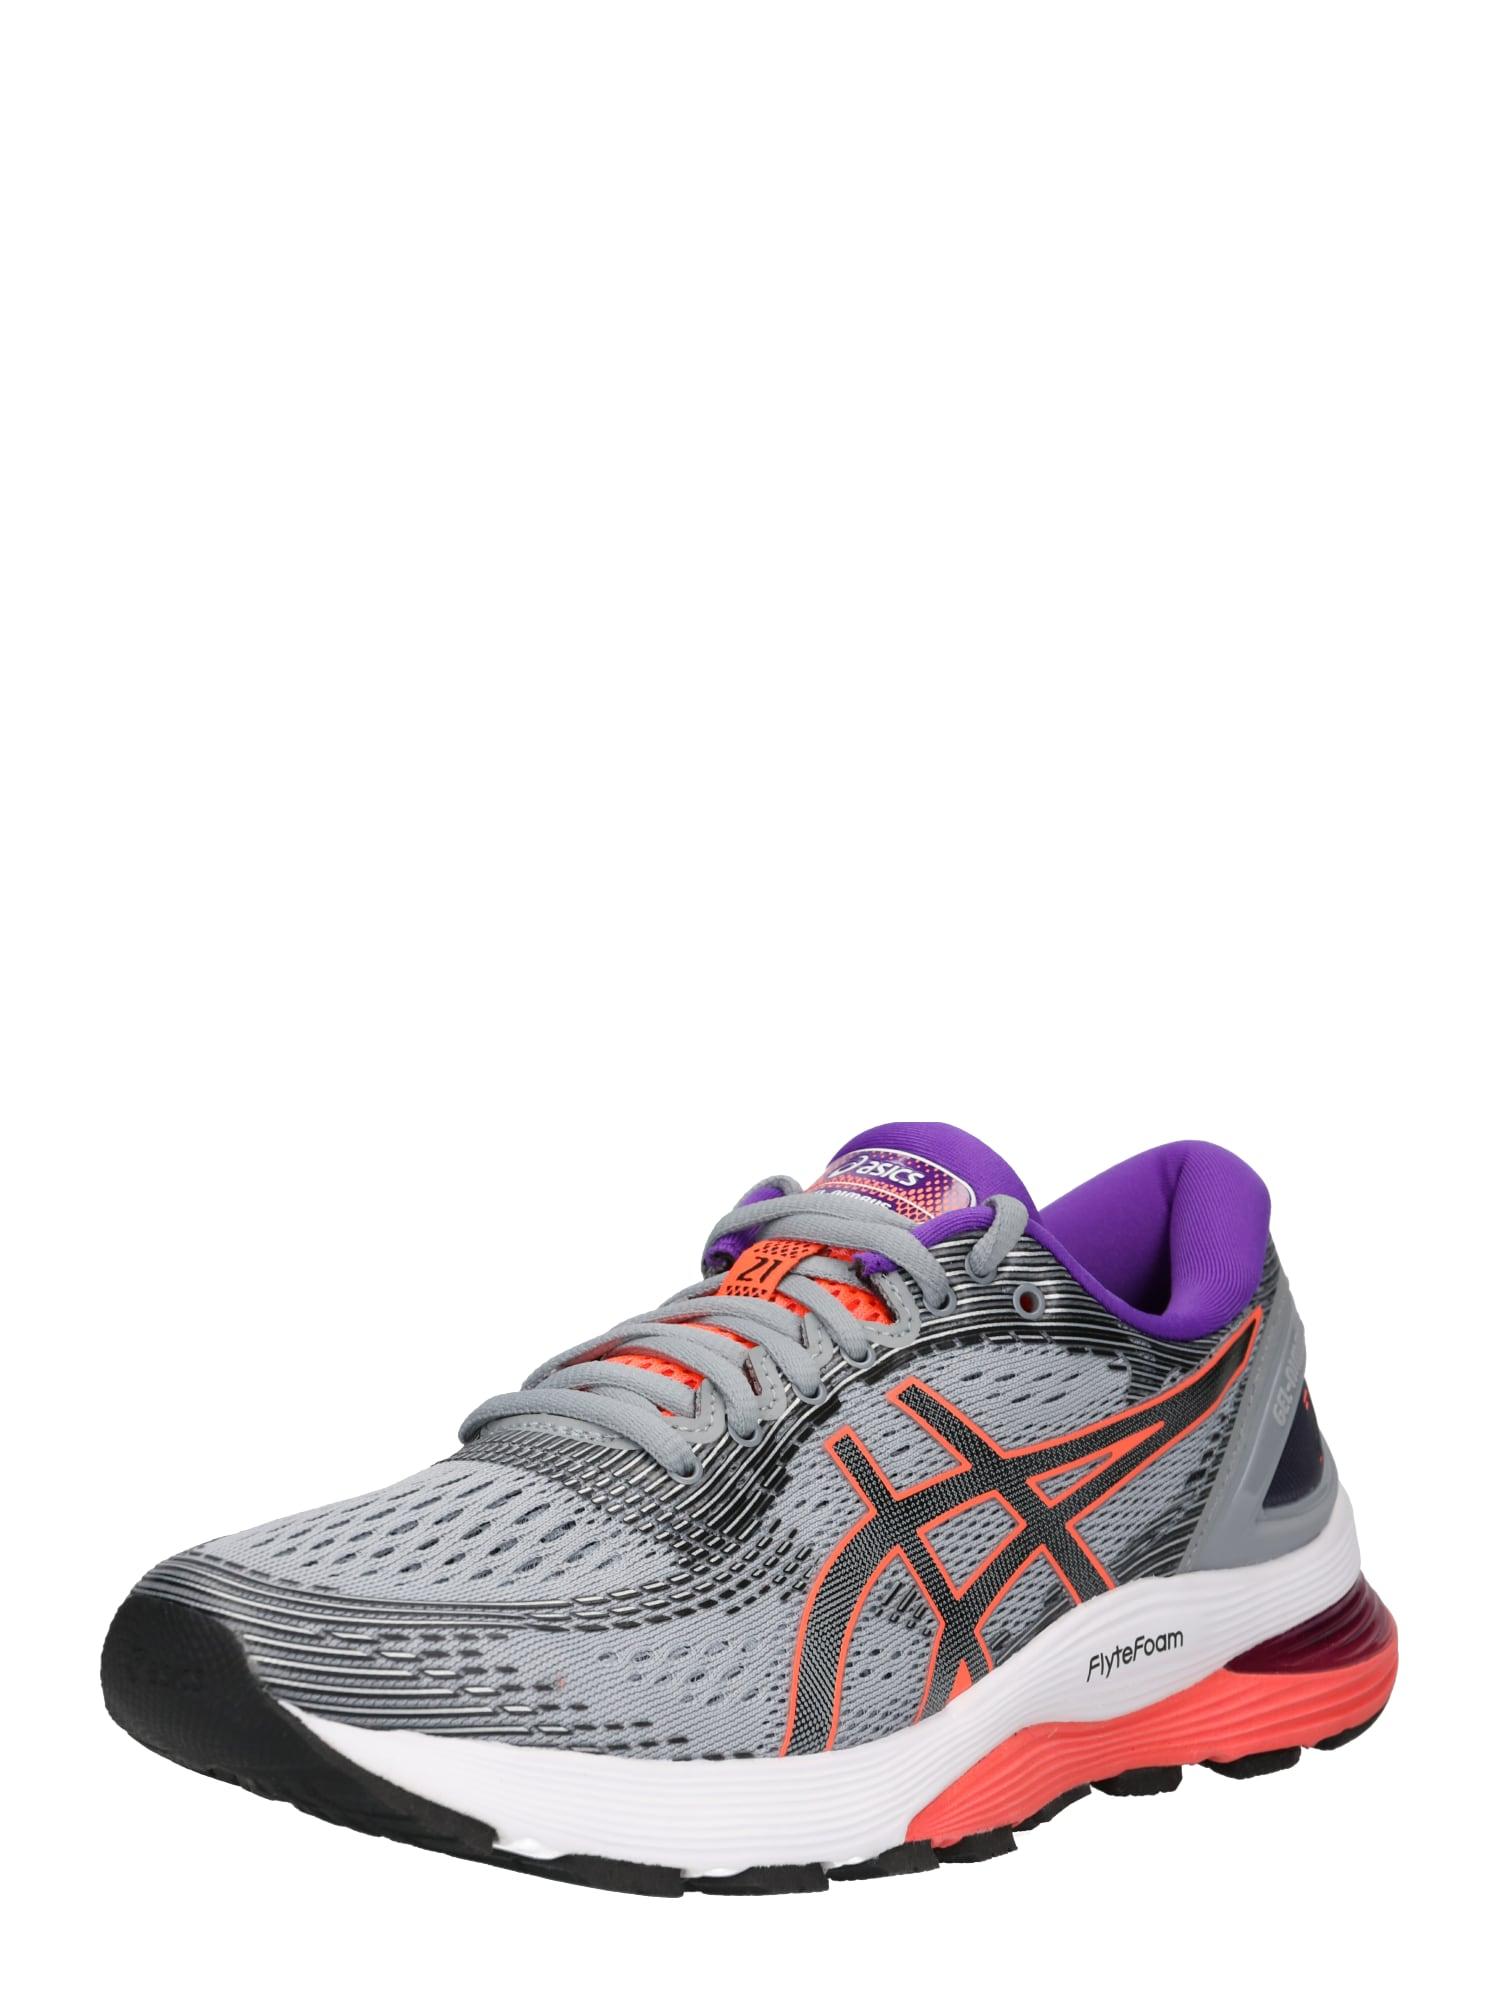 Sportovní boty GEL-NIMBUS 21 tmavě šedá červená ASICS